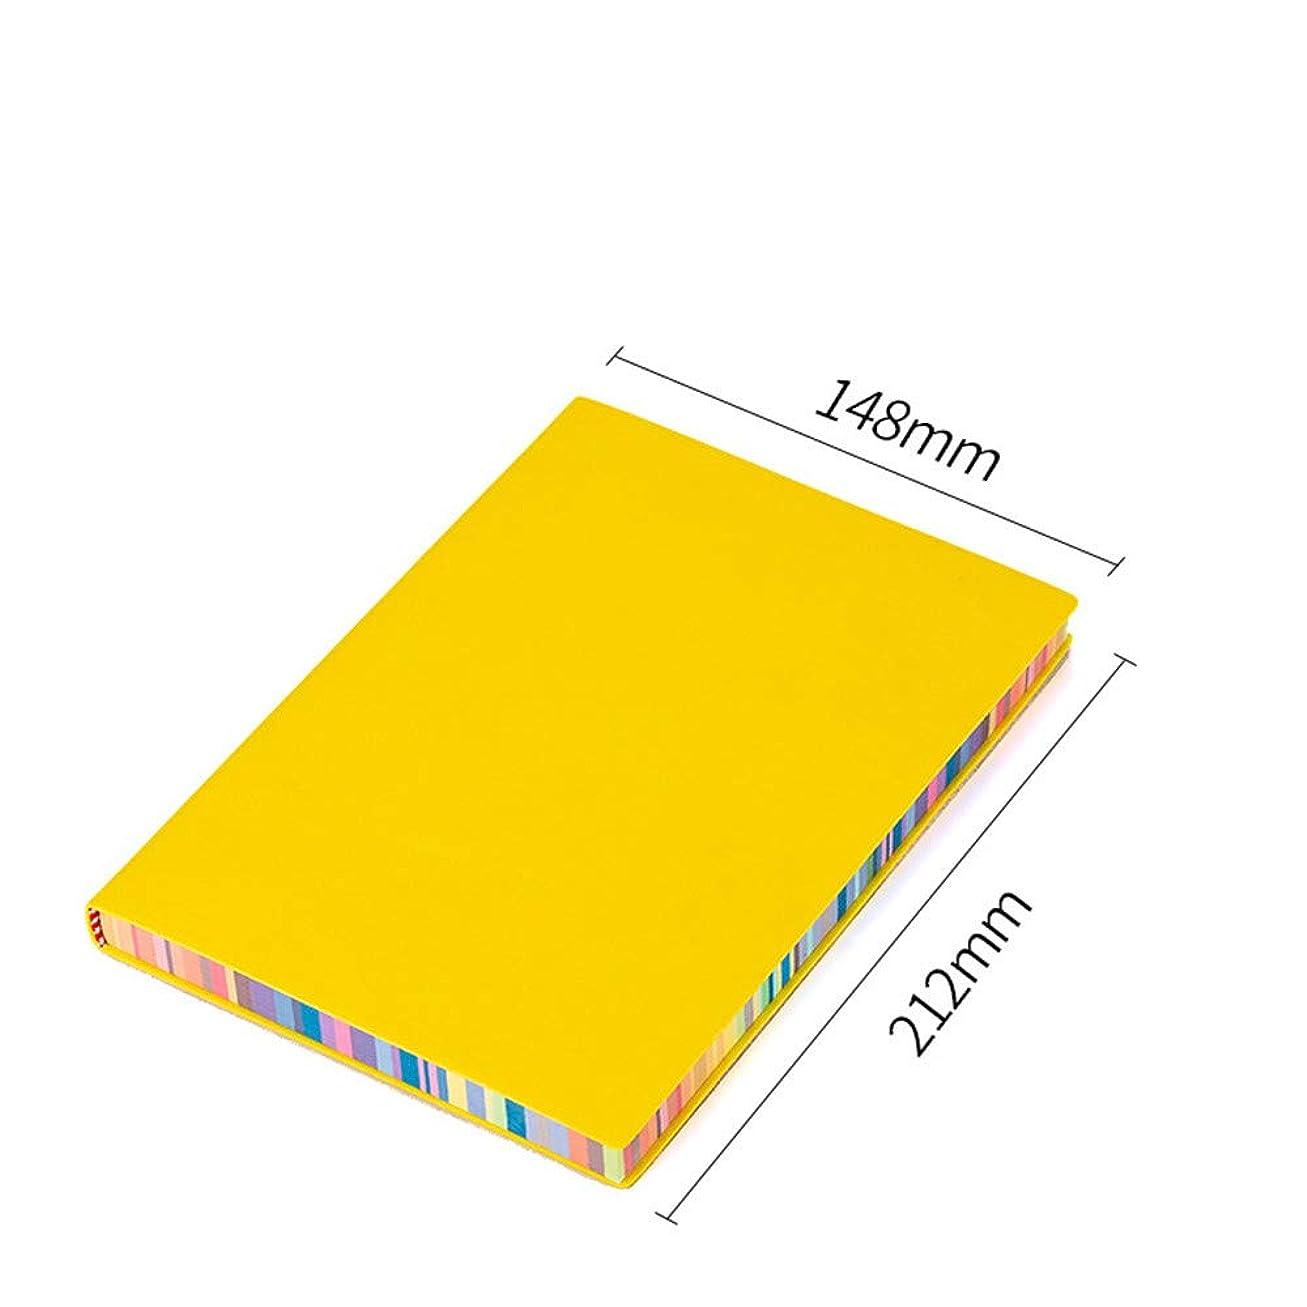 高品質厚紙エグゼクティブポケットノート - ソフトカバーA5ルールノート240ページハードカバーノート - 裏地|新しいデザイン(3パック)A5(148 * 212 MM)